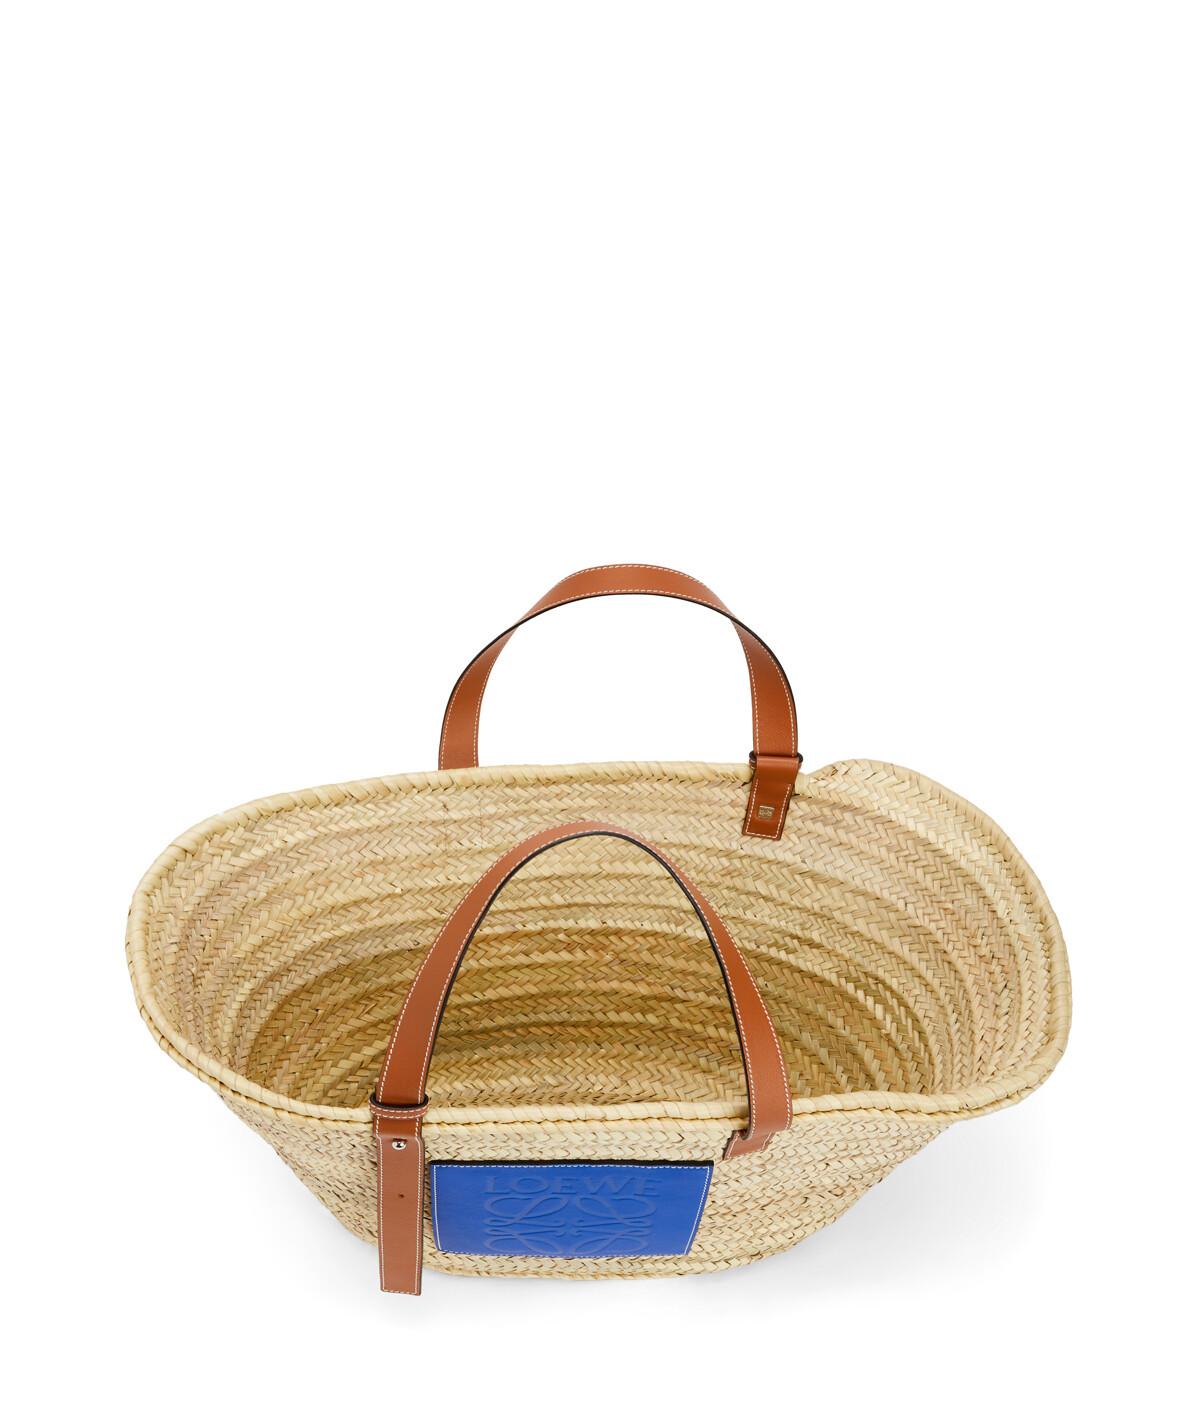 LOEWE Basket Large Natural/Blue front